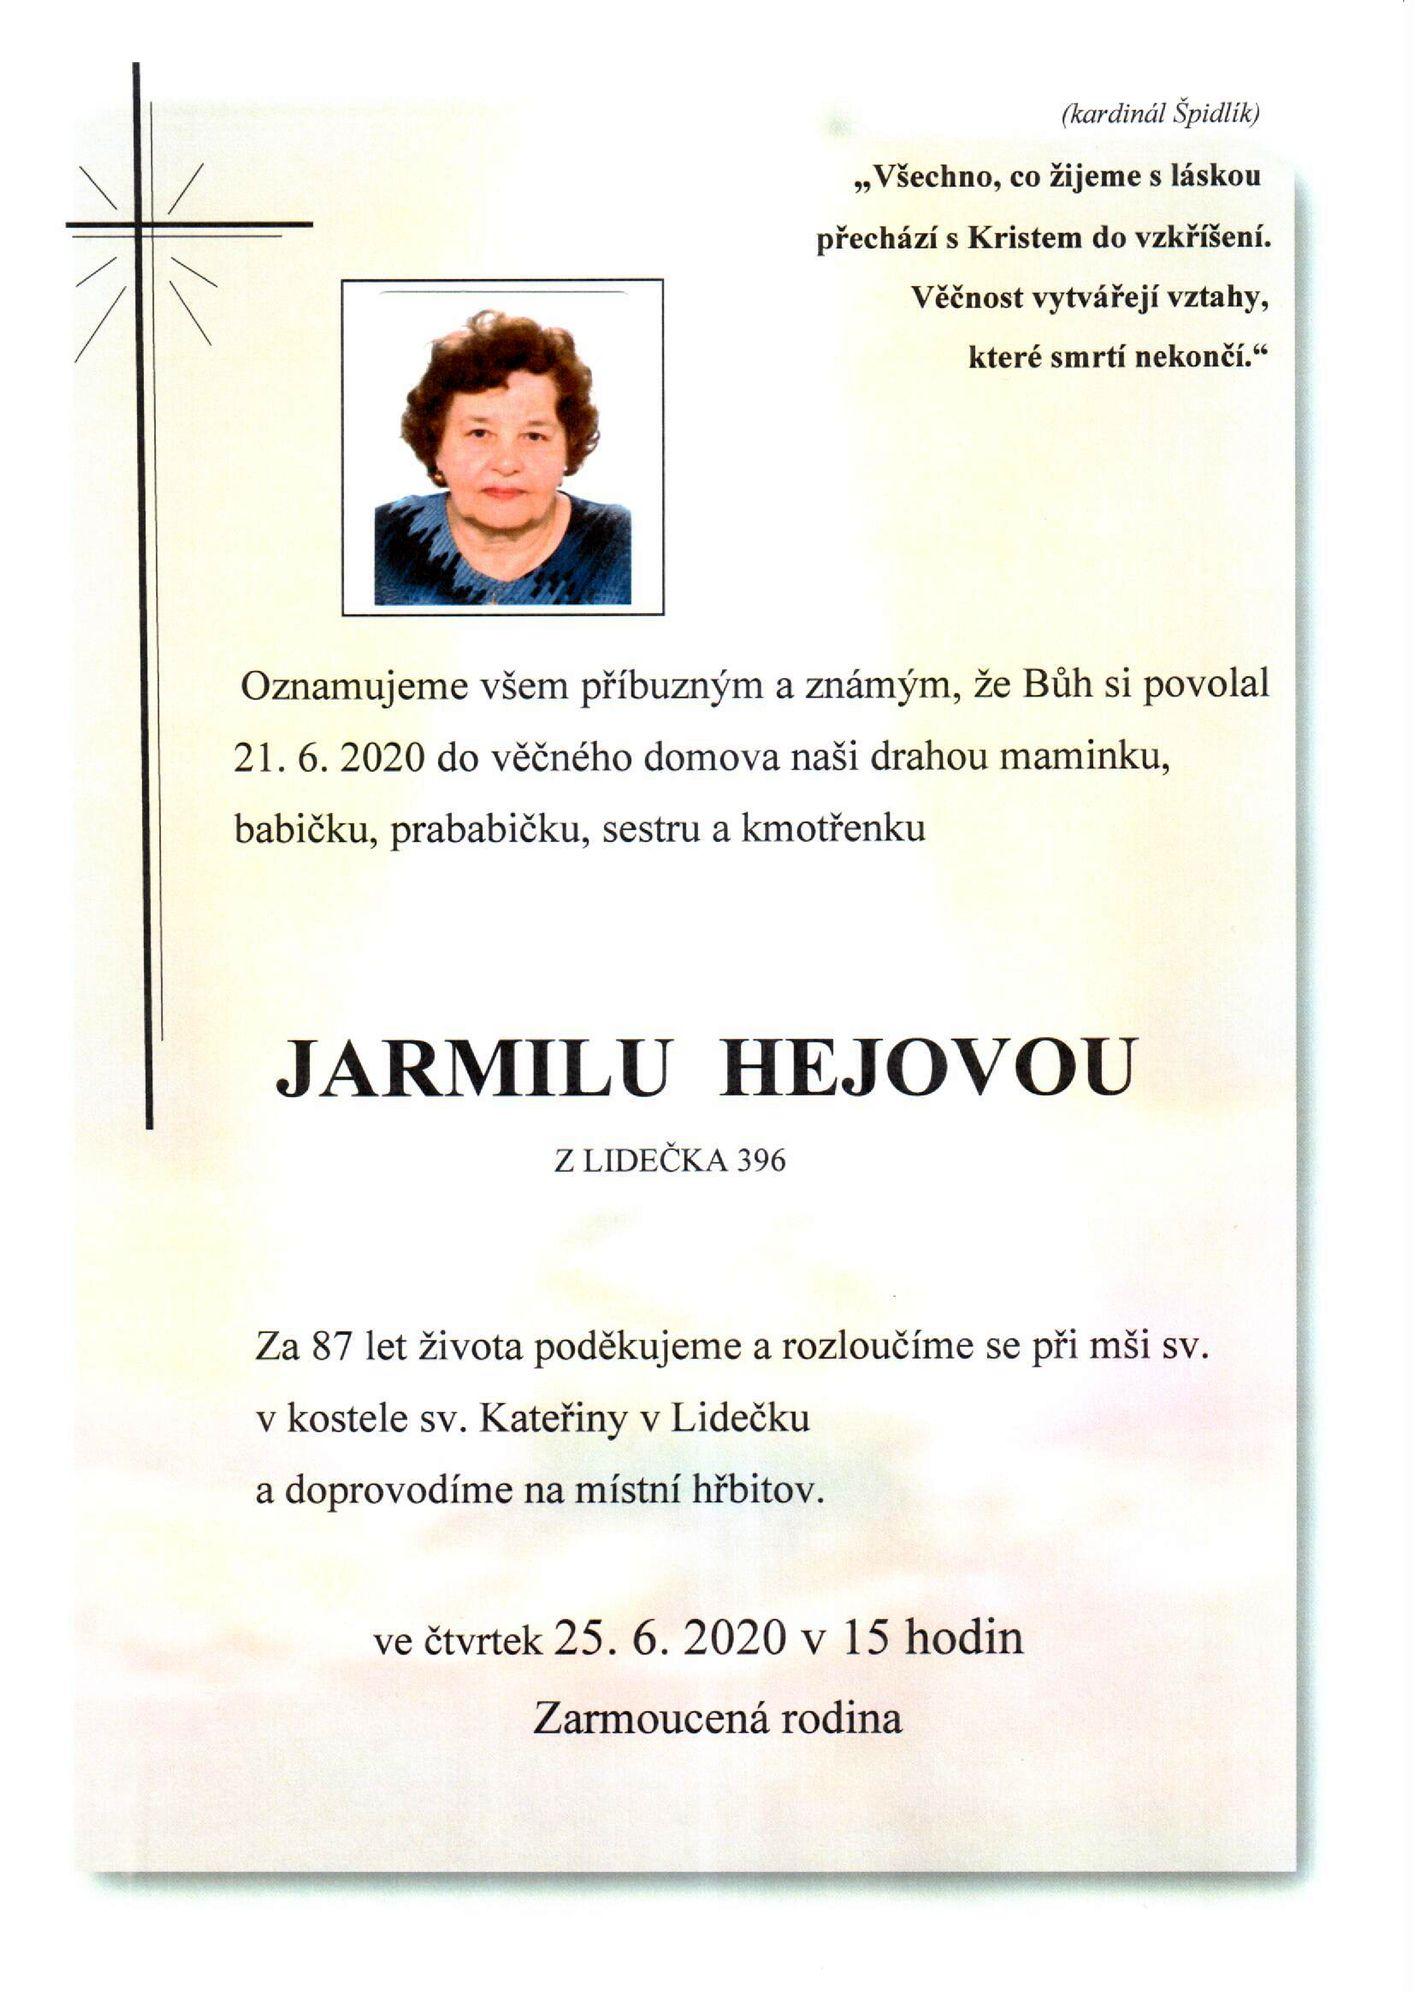 Jarmila Hejová